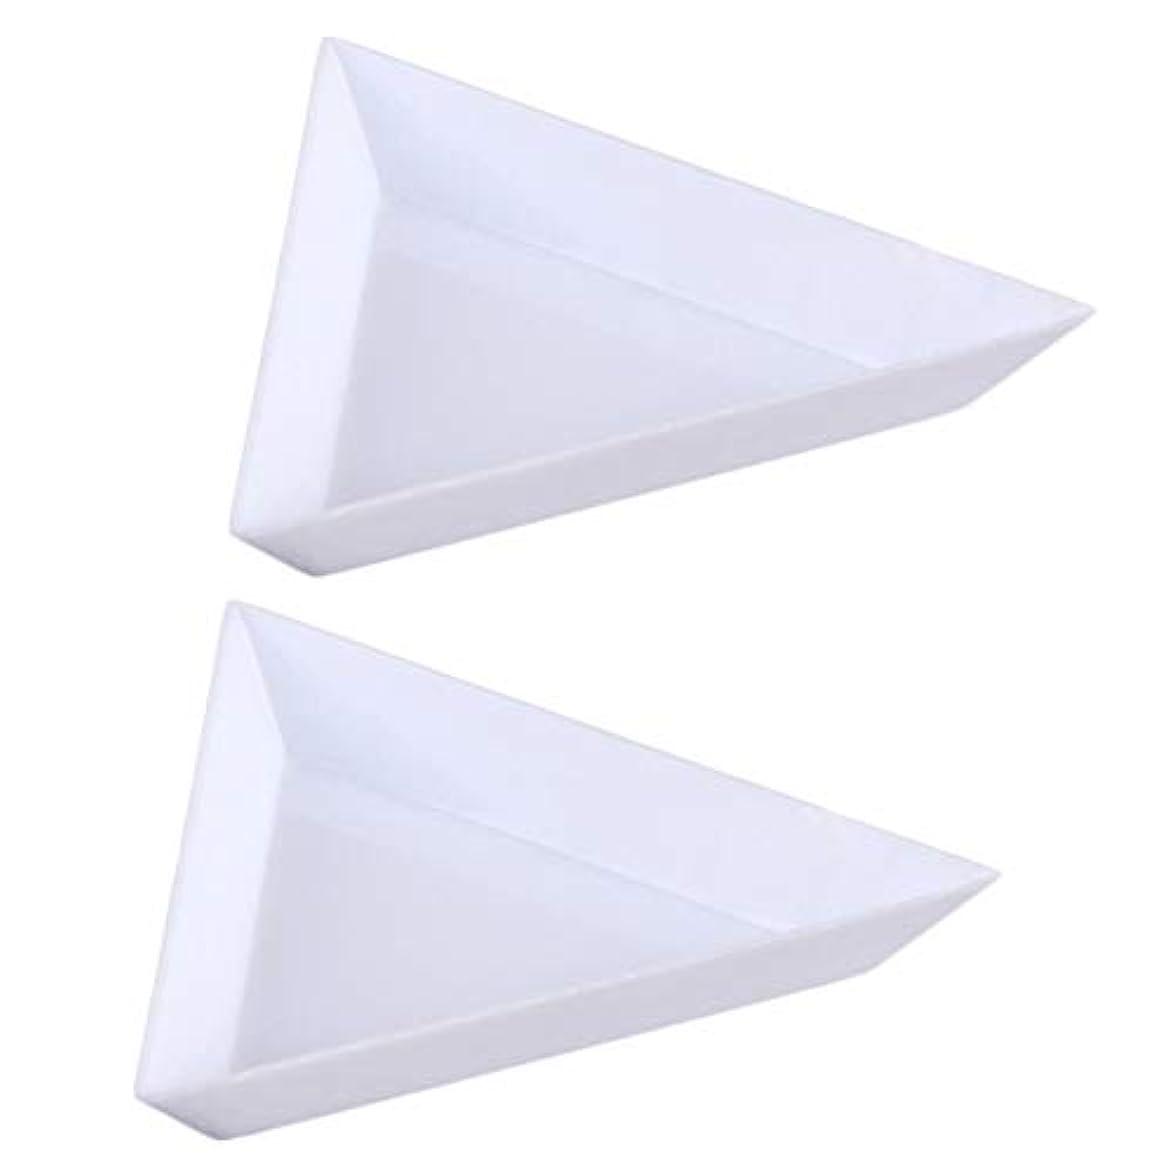 尽きる瞬時に歩行者RETYLY 10個三角コーナープラスチックラインストーンビーズ 結晶 ネイルアートソーティングトレイアクセサリー白 DiyネイルアートデコレーションDotting収納トレイ オーガニゼーションに最適